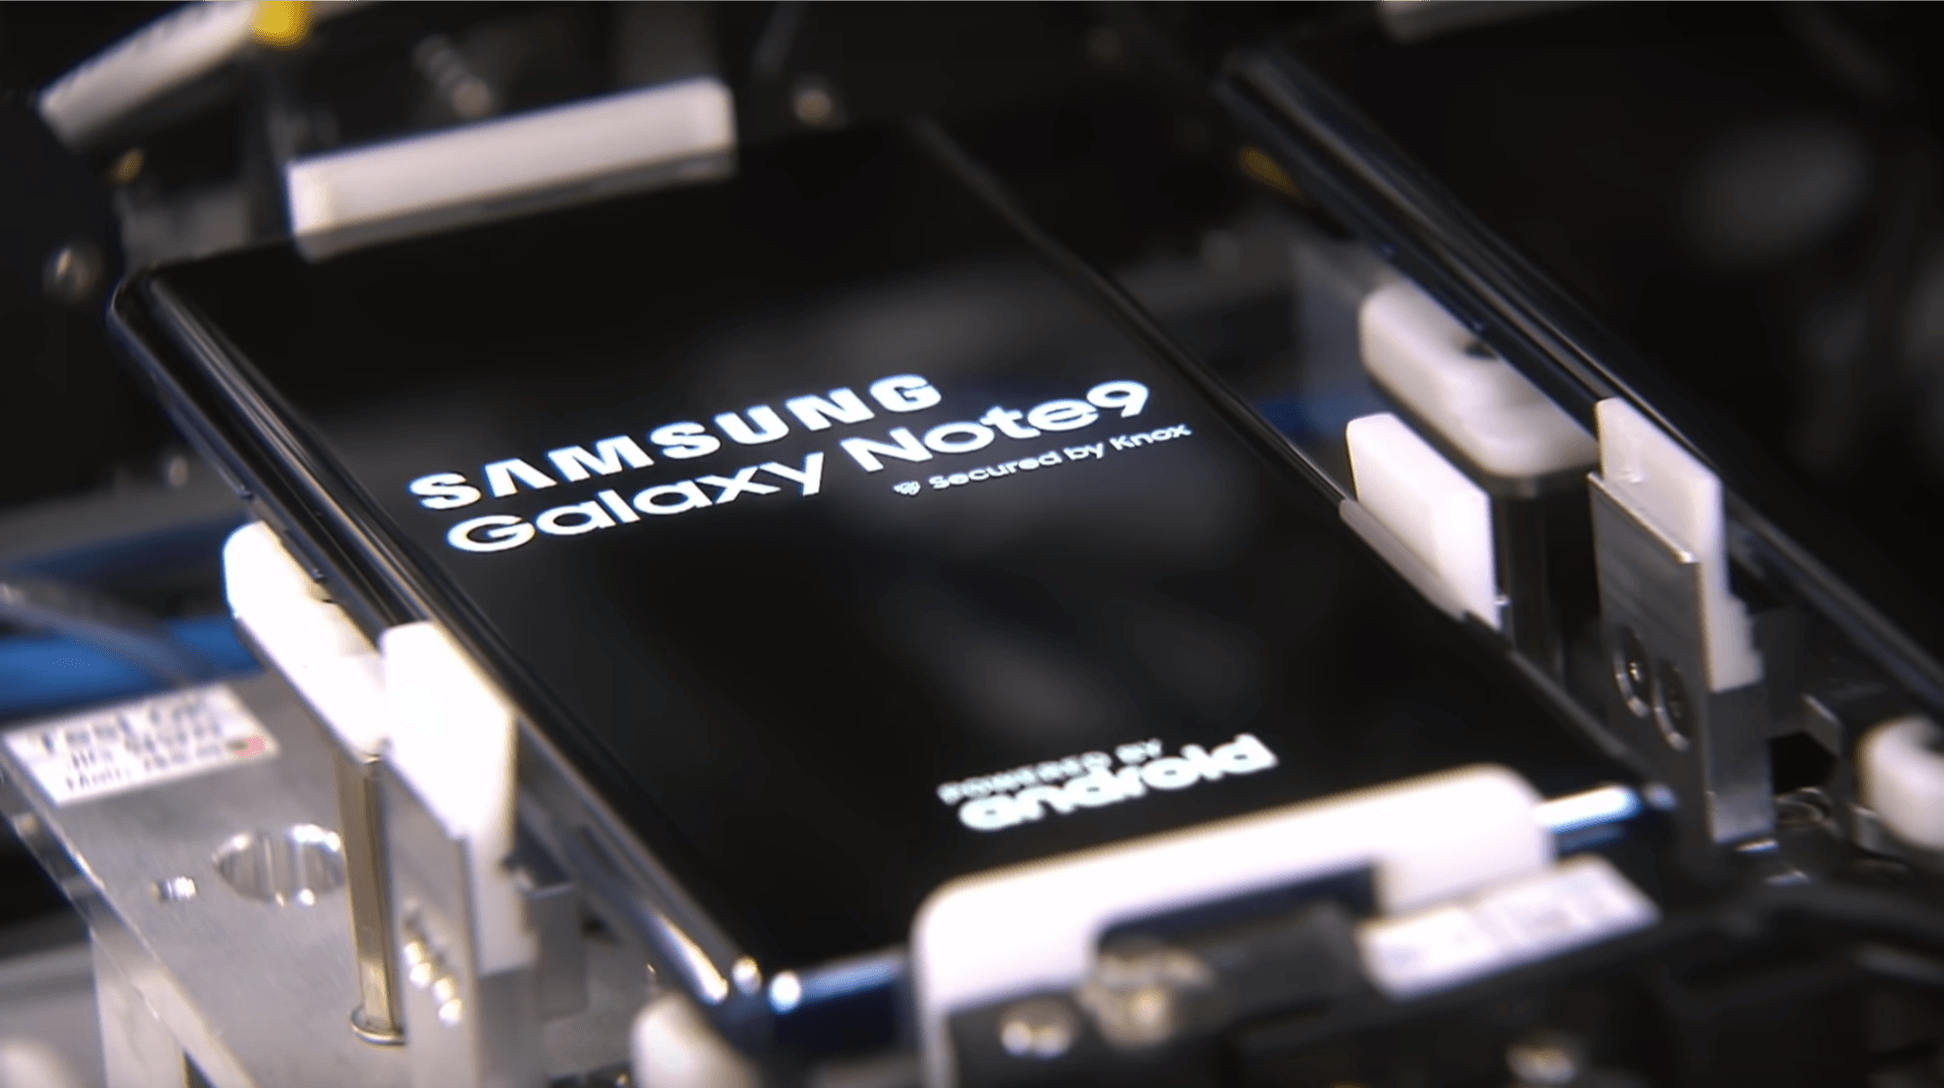 Tak się robi smartfony. Samsung Galaxy Note 9 na linii produkcyjnej 21